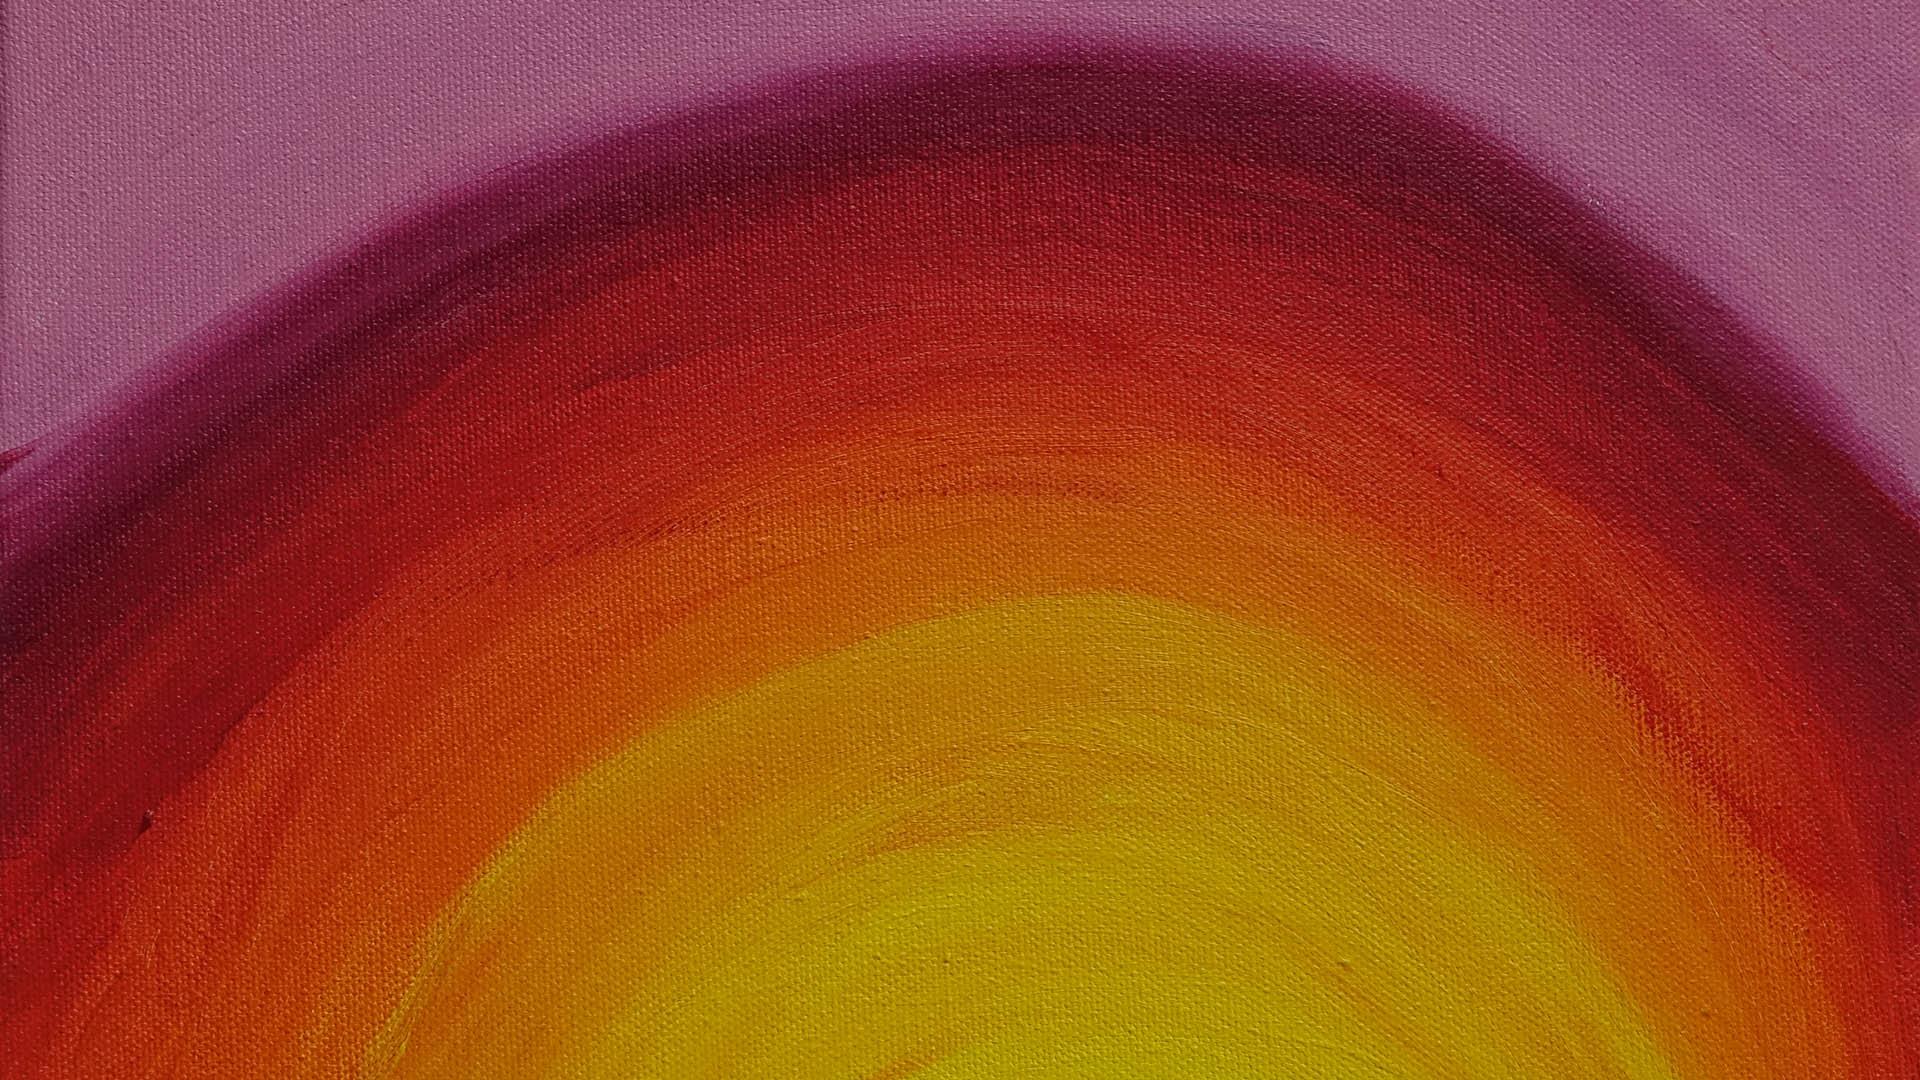 Kurz vor seinem Tod malt Tobias nur noch mit den Farben der Sonne